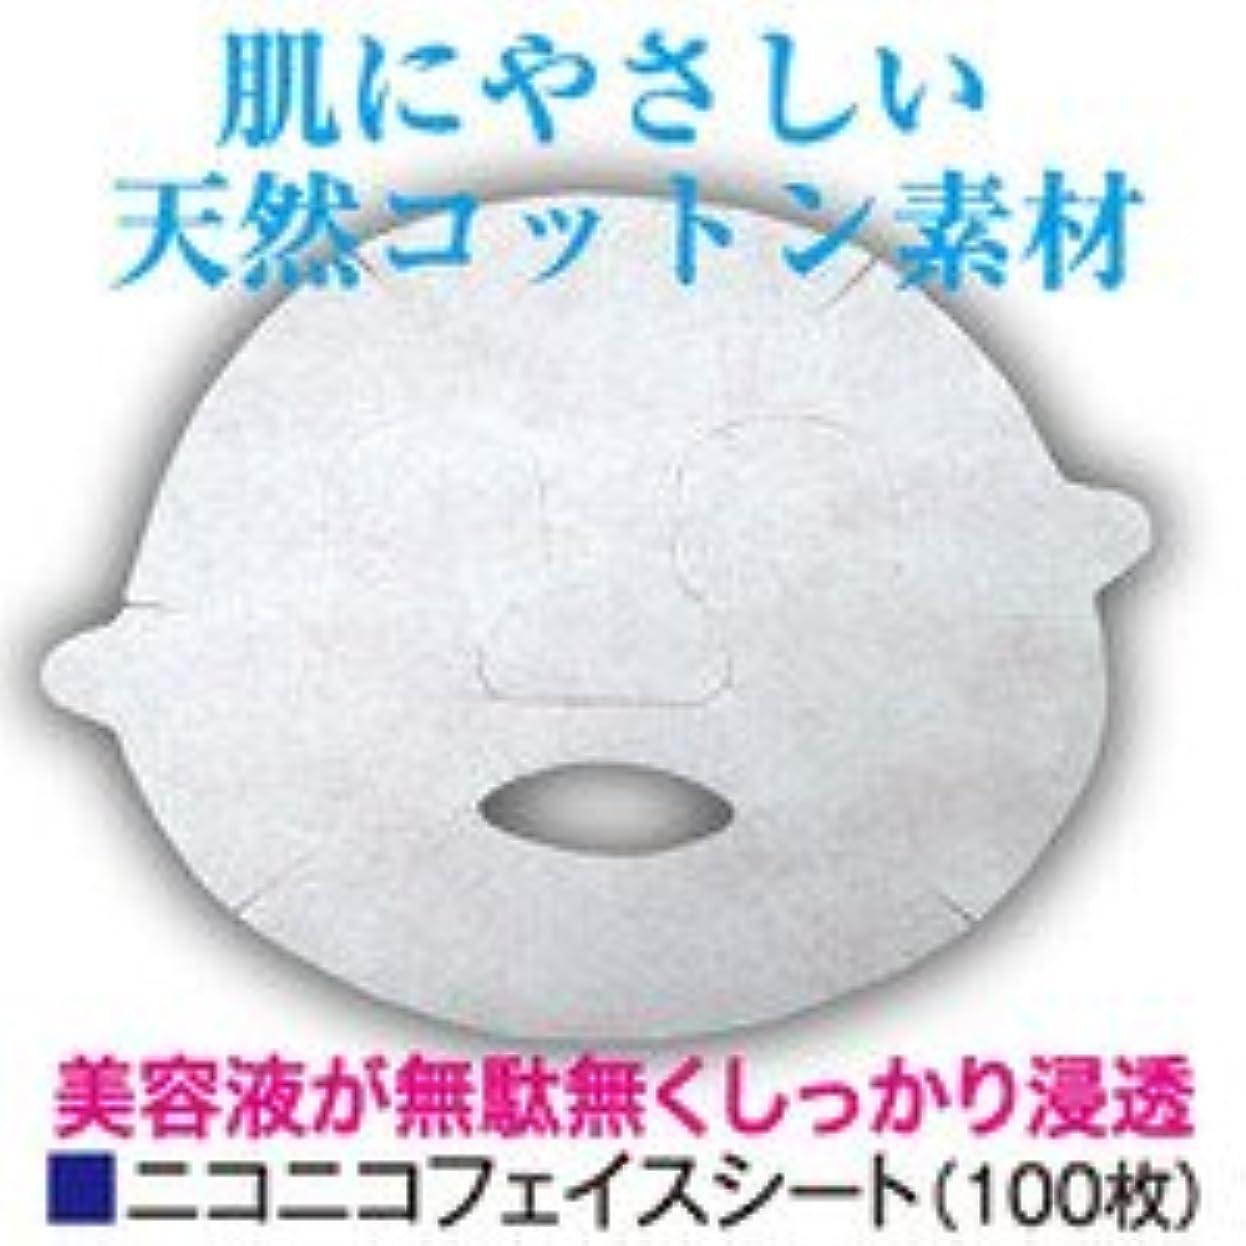 セール怒って束フェイスシート 【ニコニコフェイスシート】 100枚